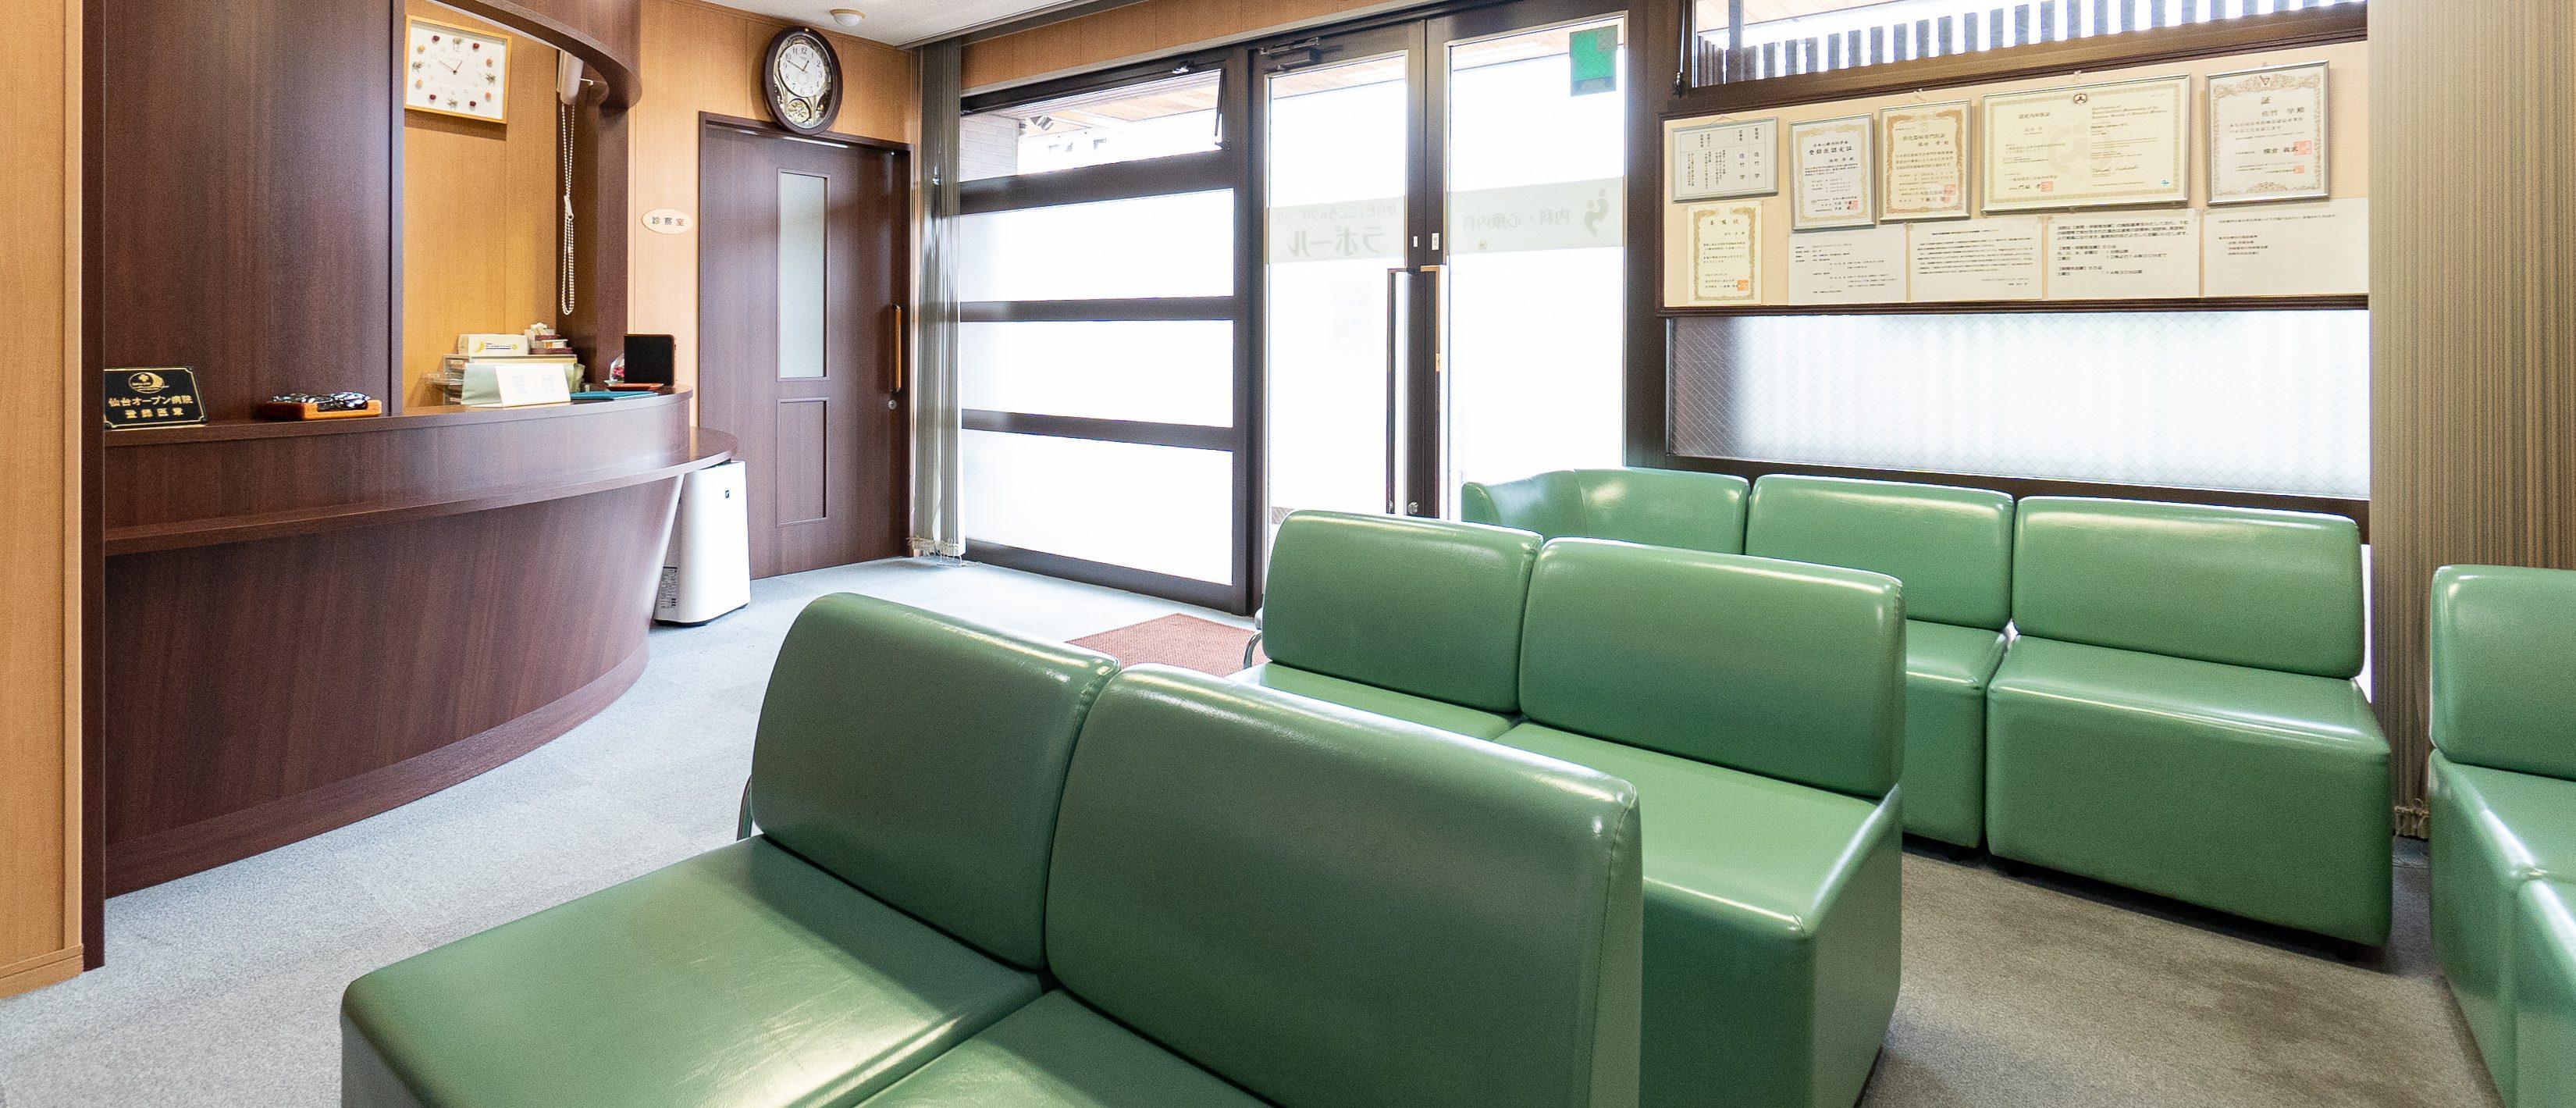 仙台の心療内科|からだとこころのクリニックラポール待合室